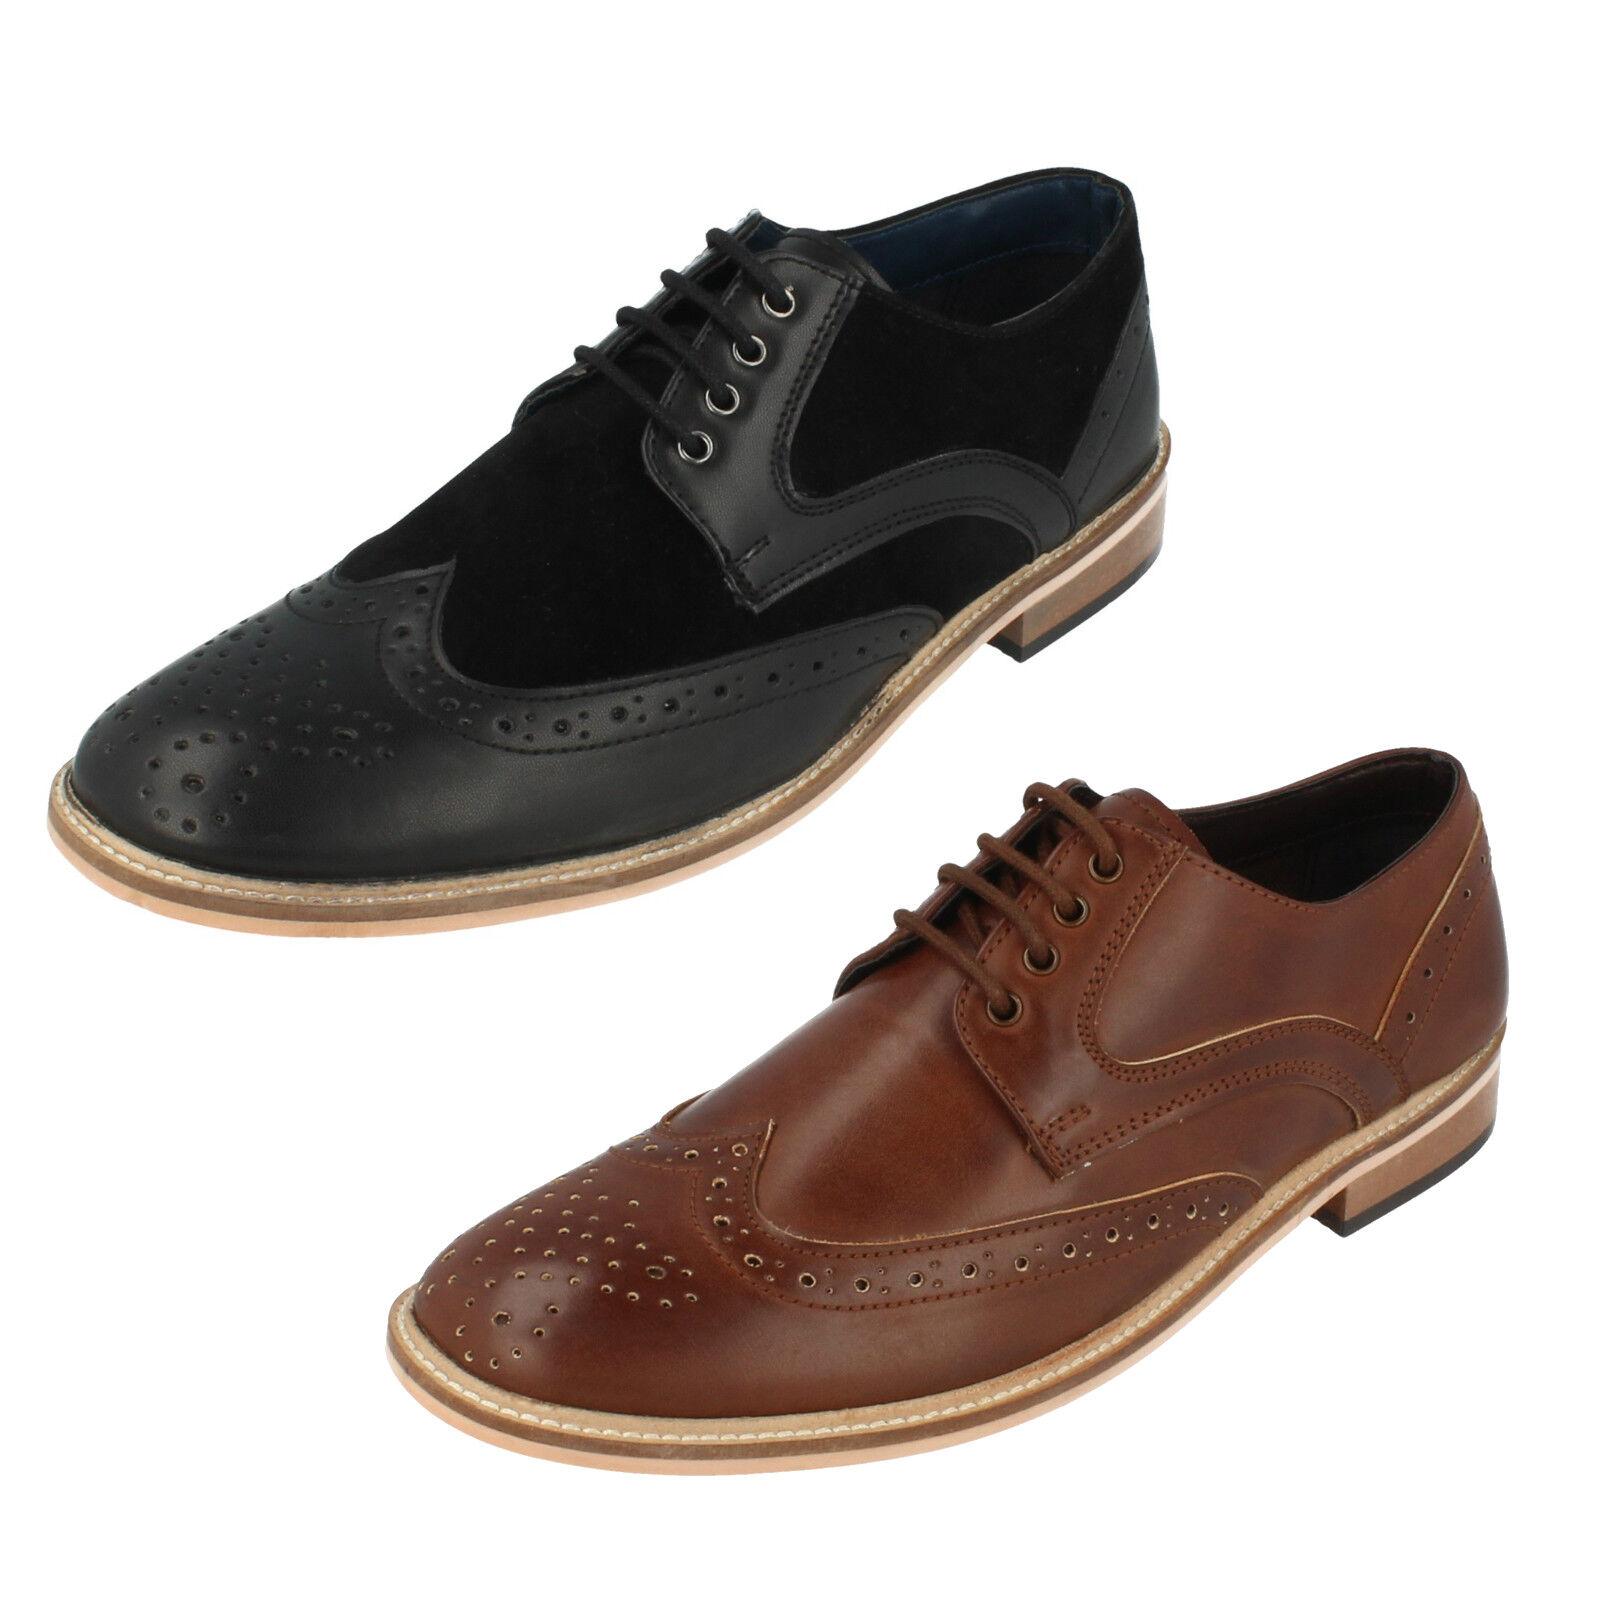 Mens Lambretta Brogue Lace Up shoes 21004